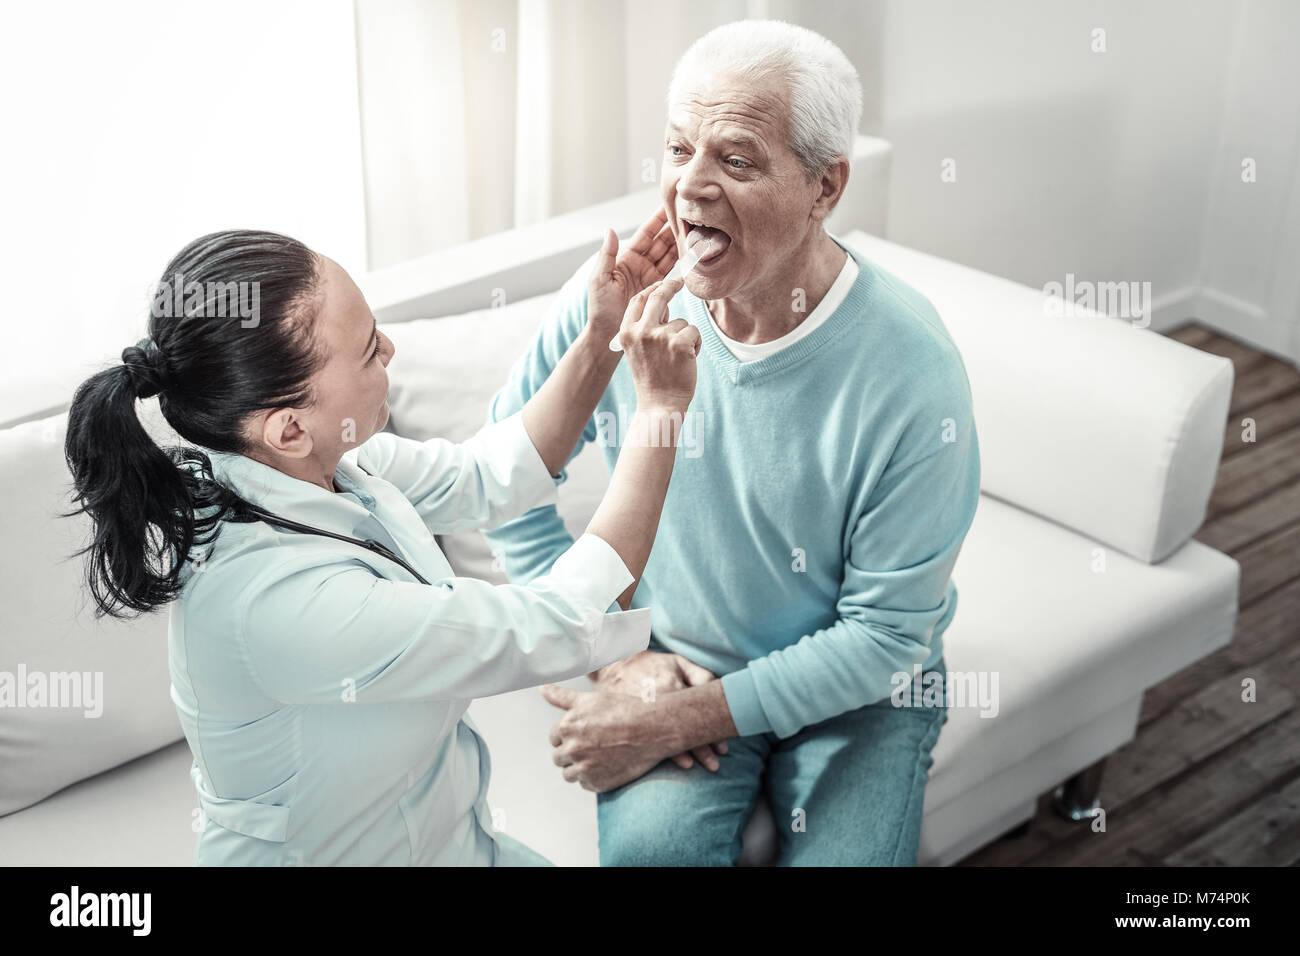 Alte ernster Mann an der Krankenschwester seine Zunge angezeigt. Stockbild